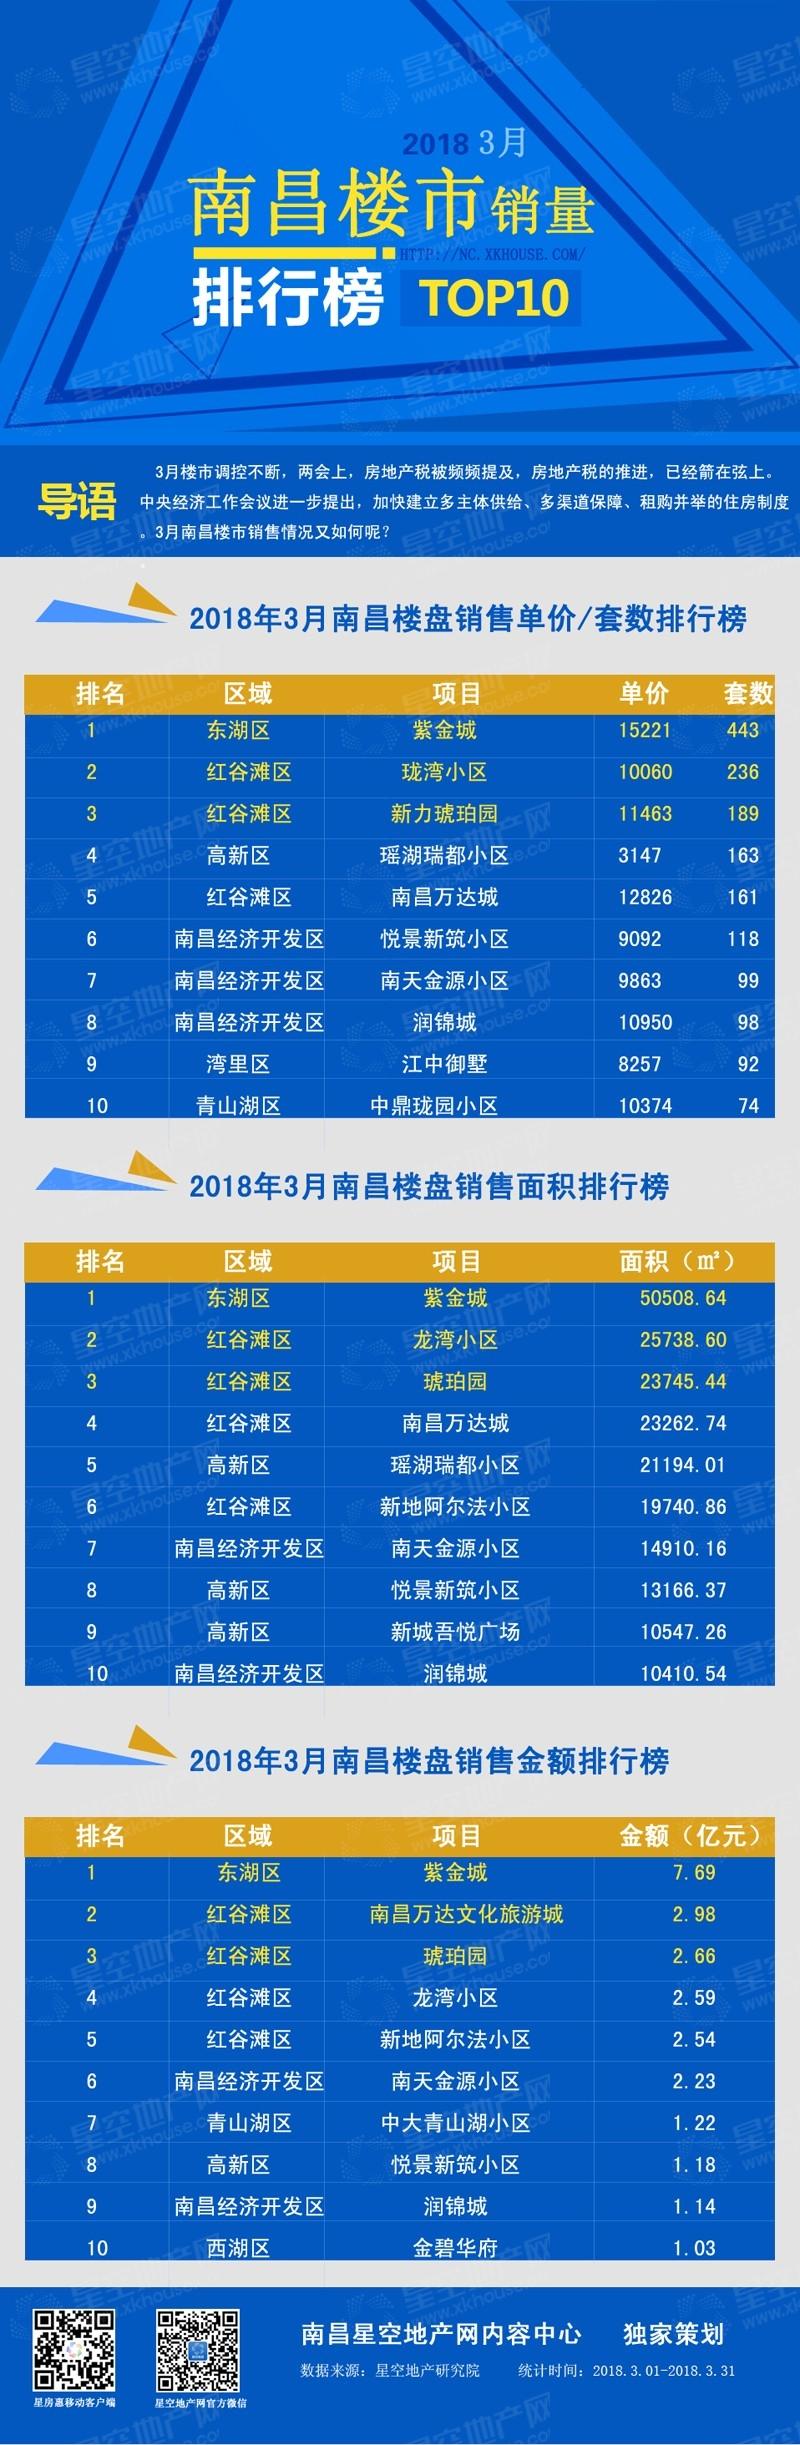 南昌楼市3月度排行榜专题图-1.jpg